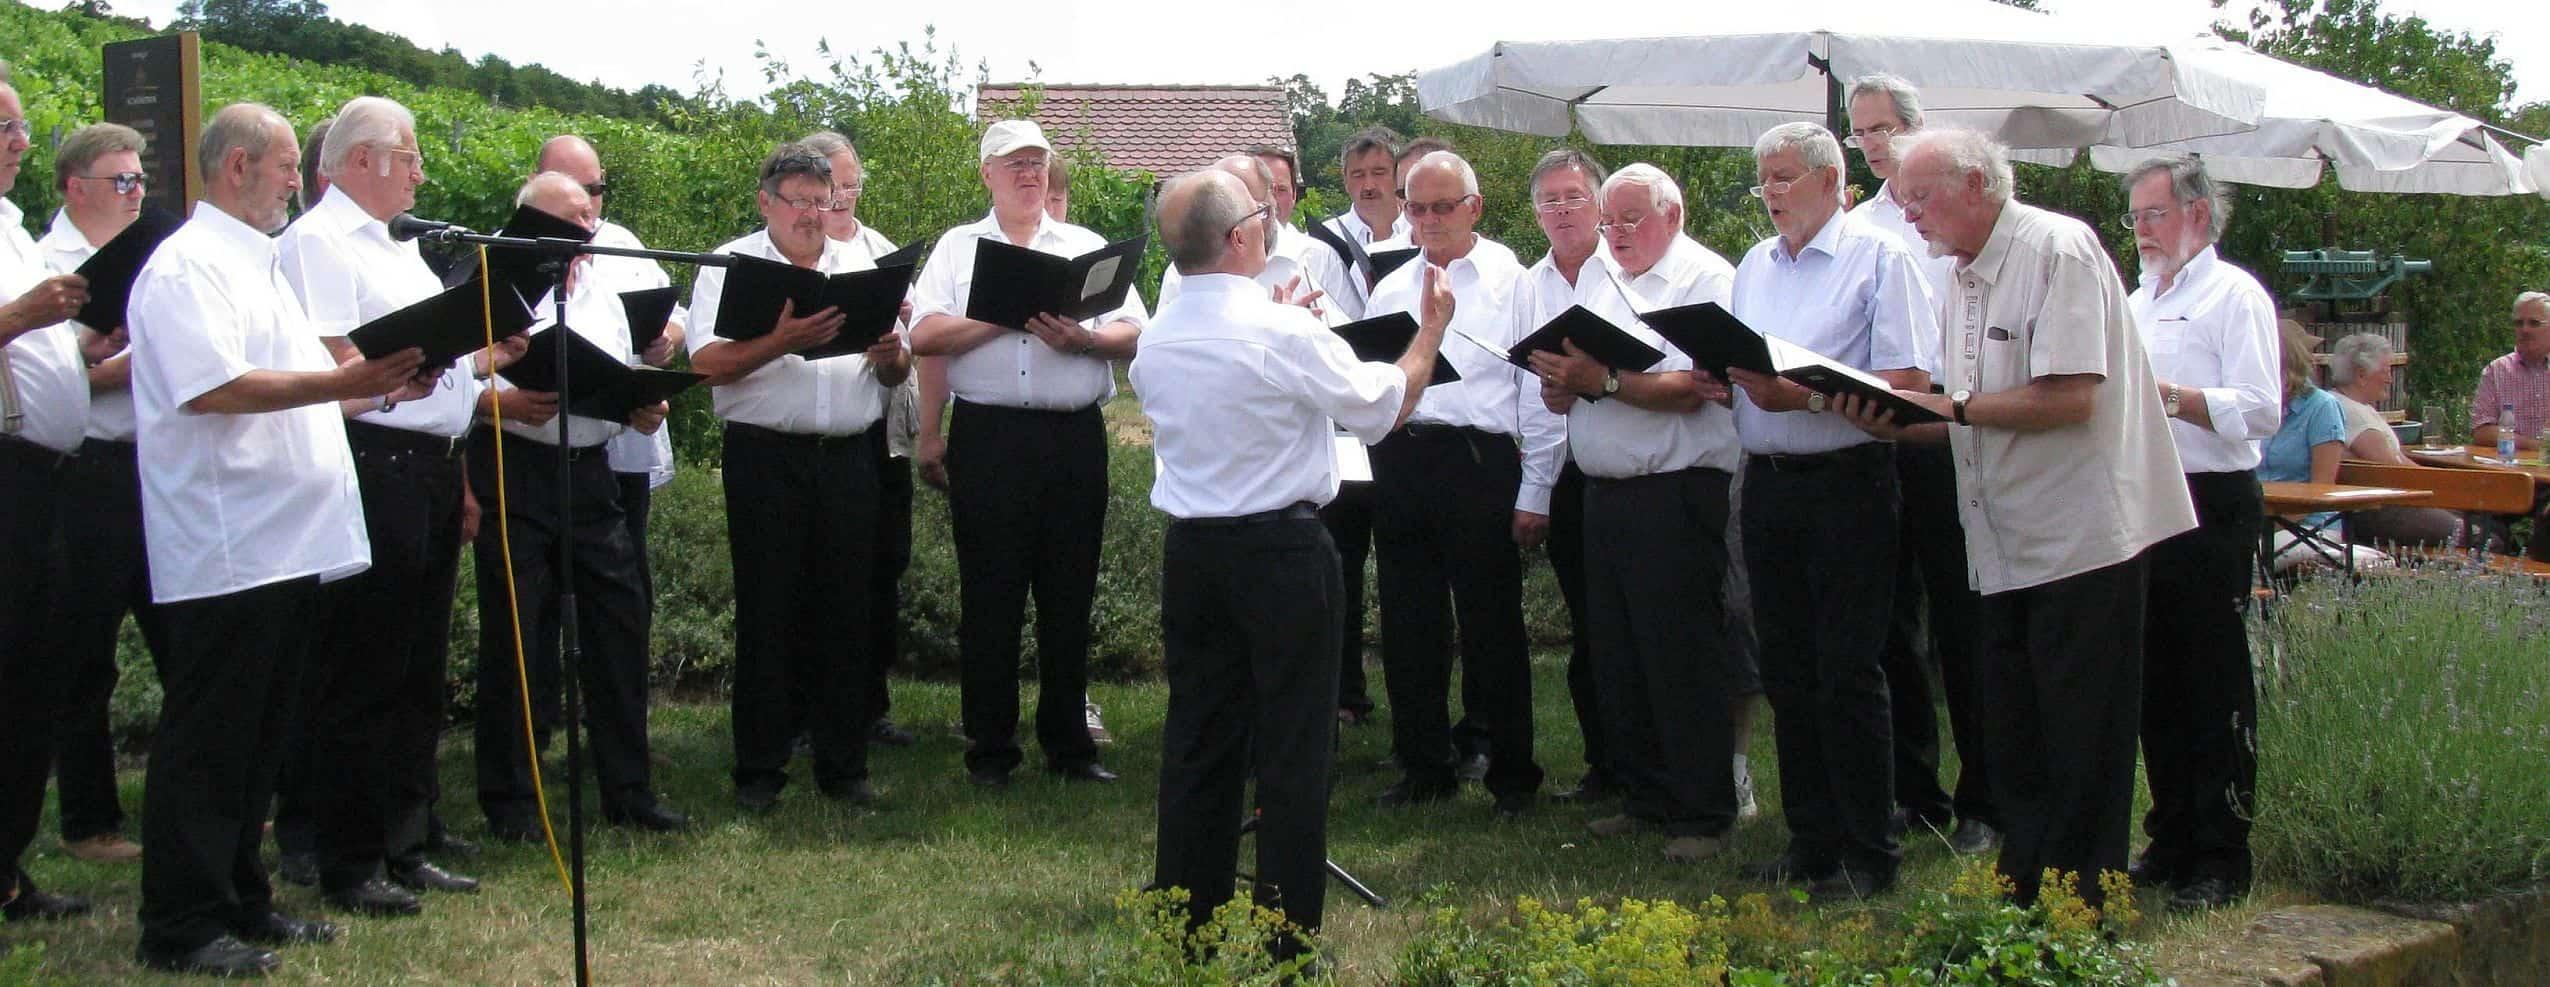 Gesangverein Frohsinn Ipsheim beim Singen in den Weinbergen